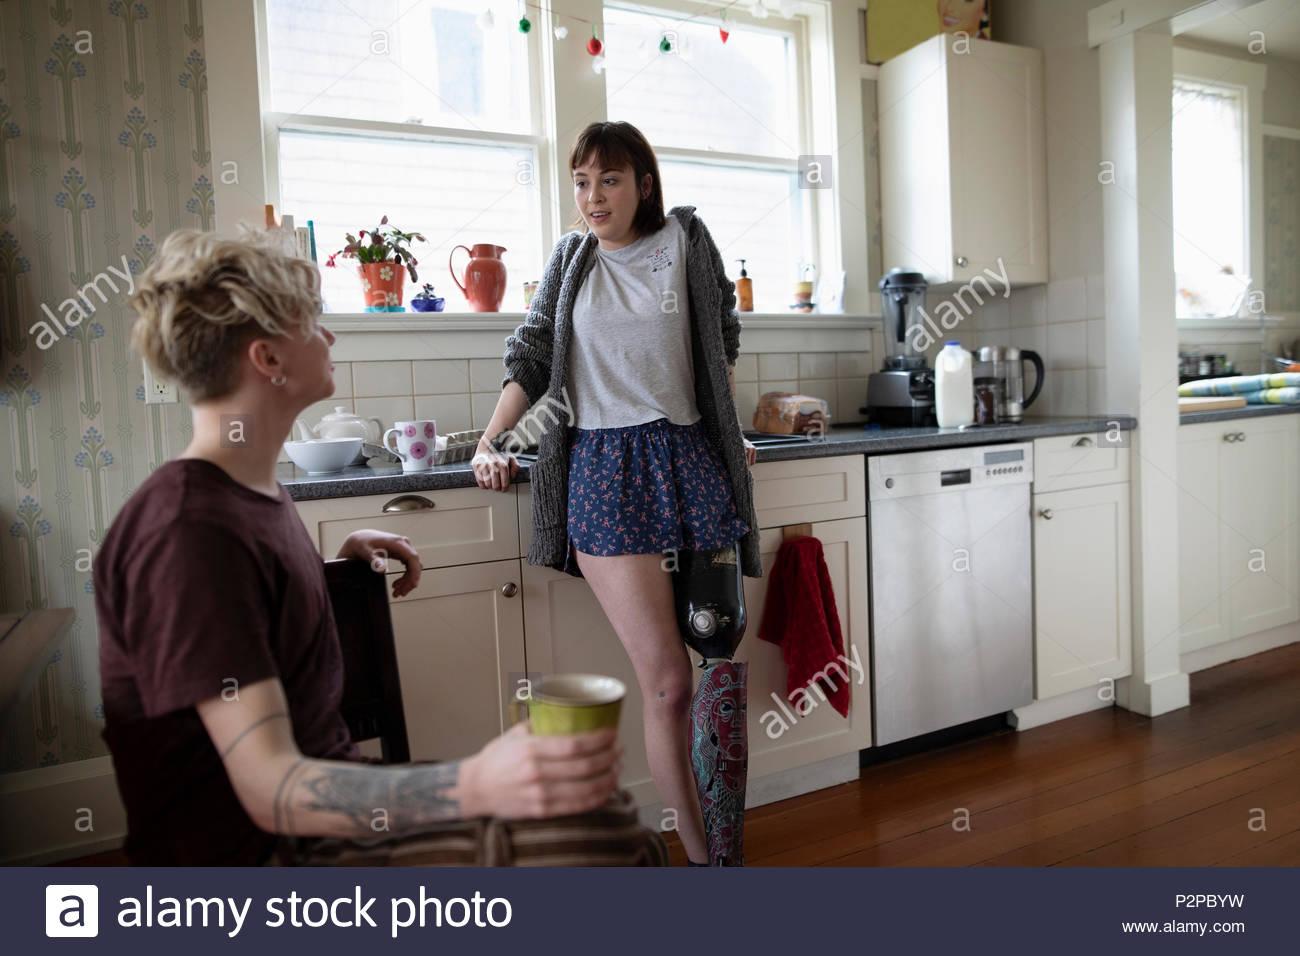 Junge Frau amputee Kaffee trinken, im Gespräch mit Freund in der Küche Stockbild